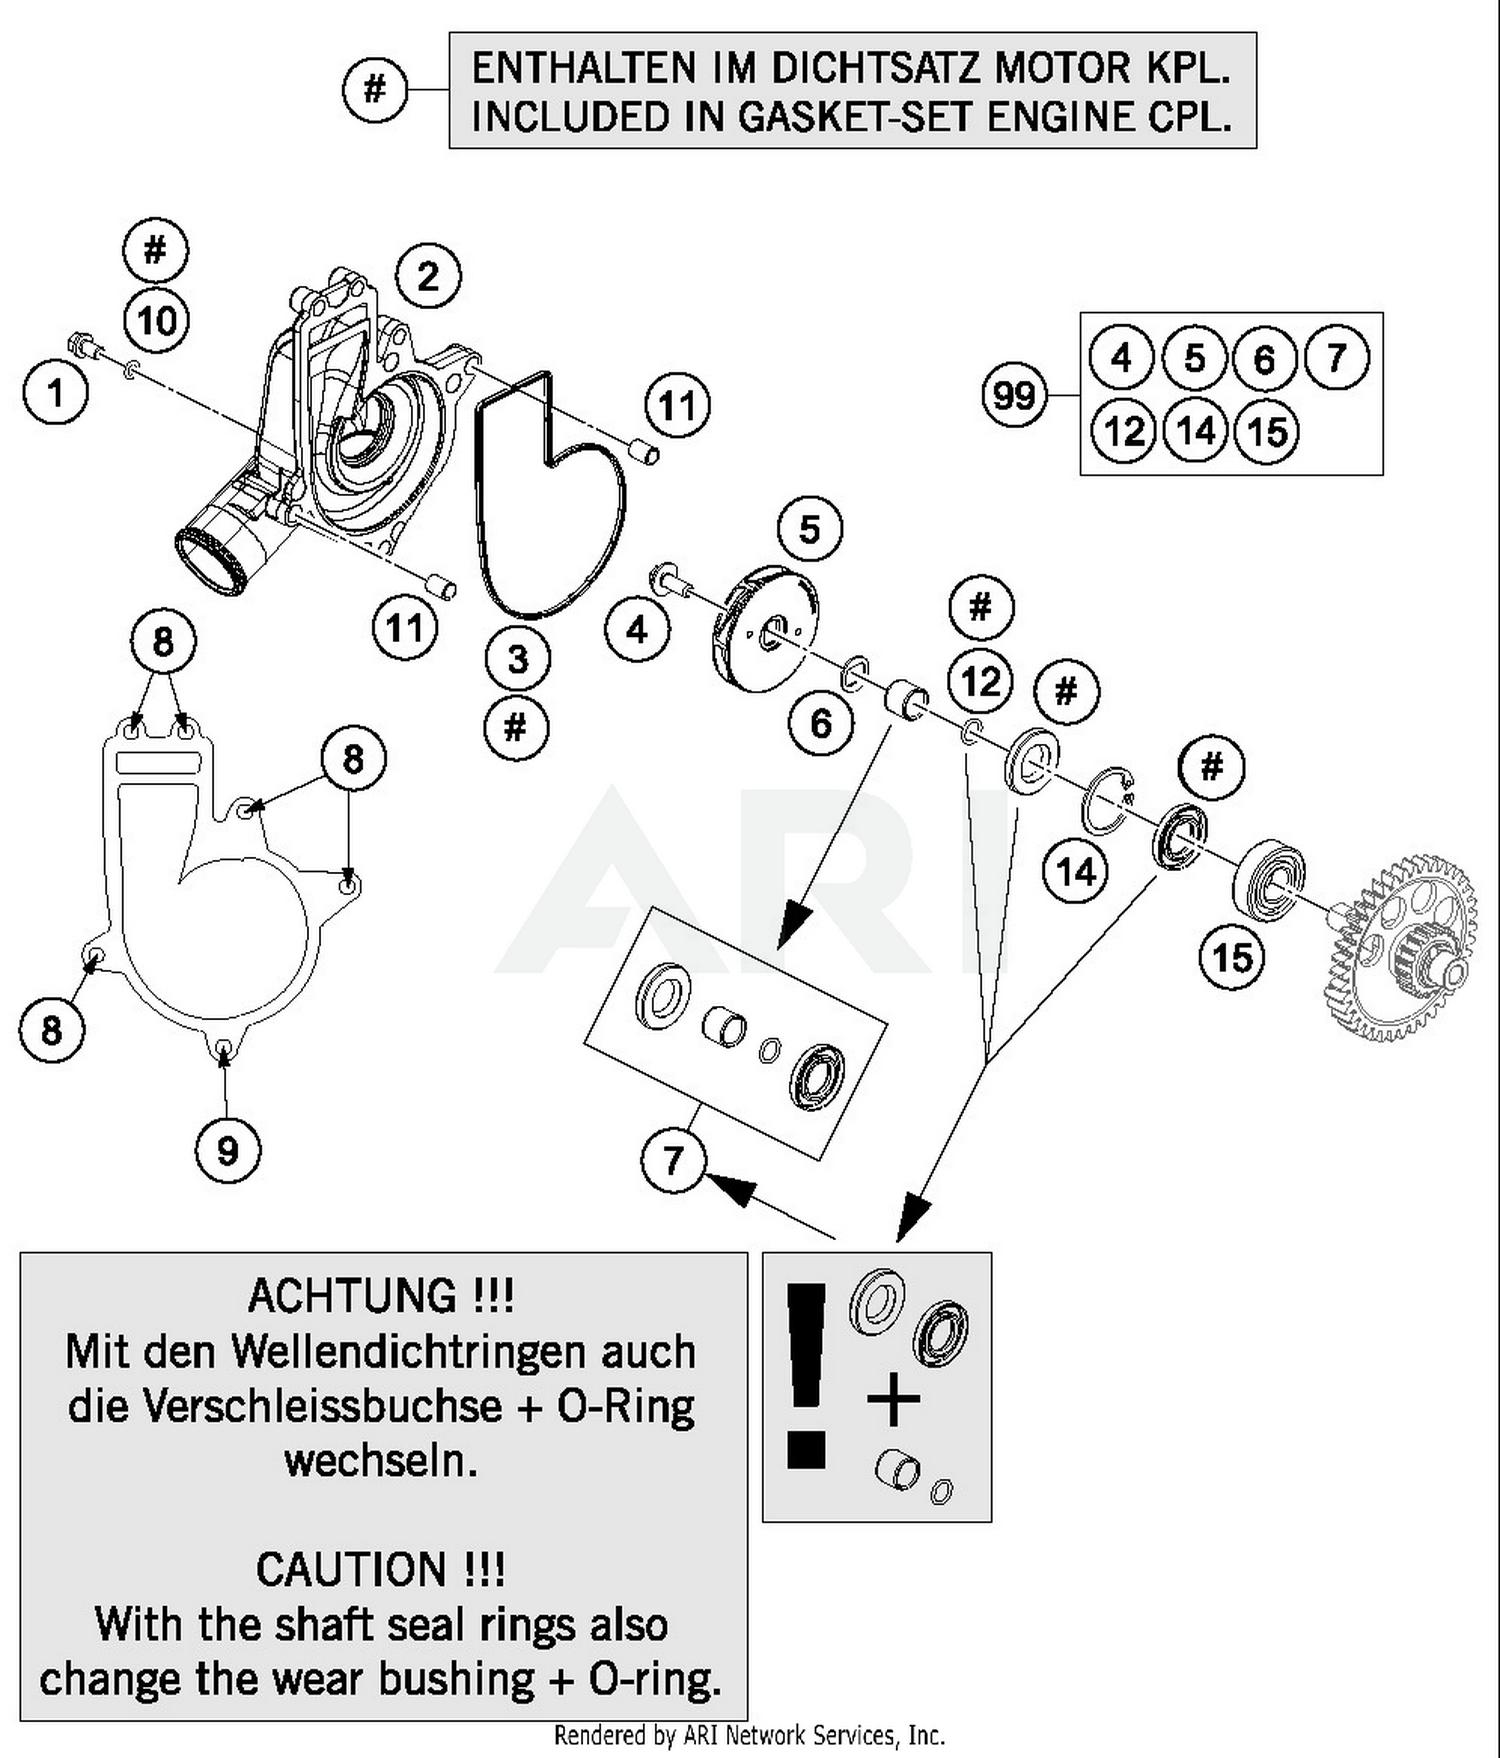 Abs Parts Diagram Wiring Schematics Motorcycle Engine 2016 Ktm 1190 Adventure Orange Water Pump Best Oem 1999 Silverado Controller